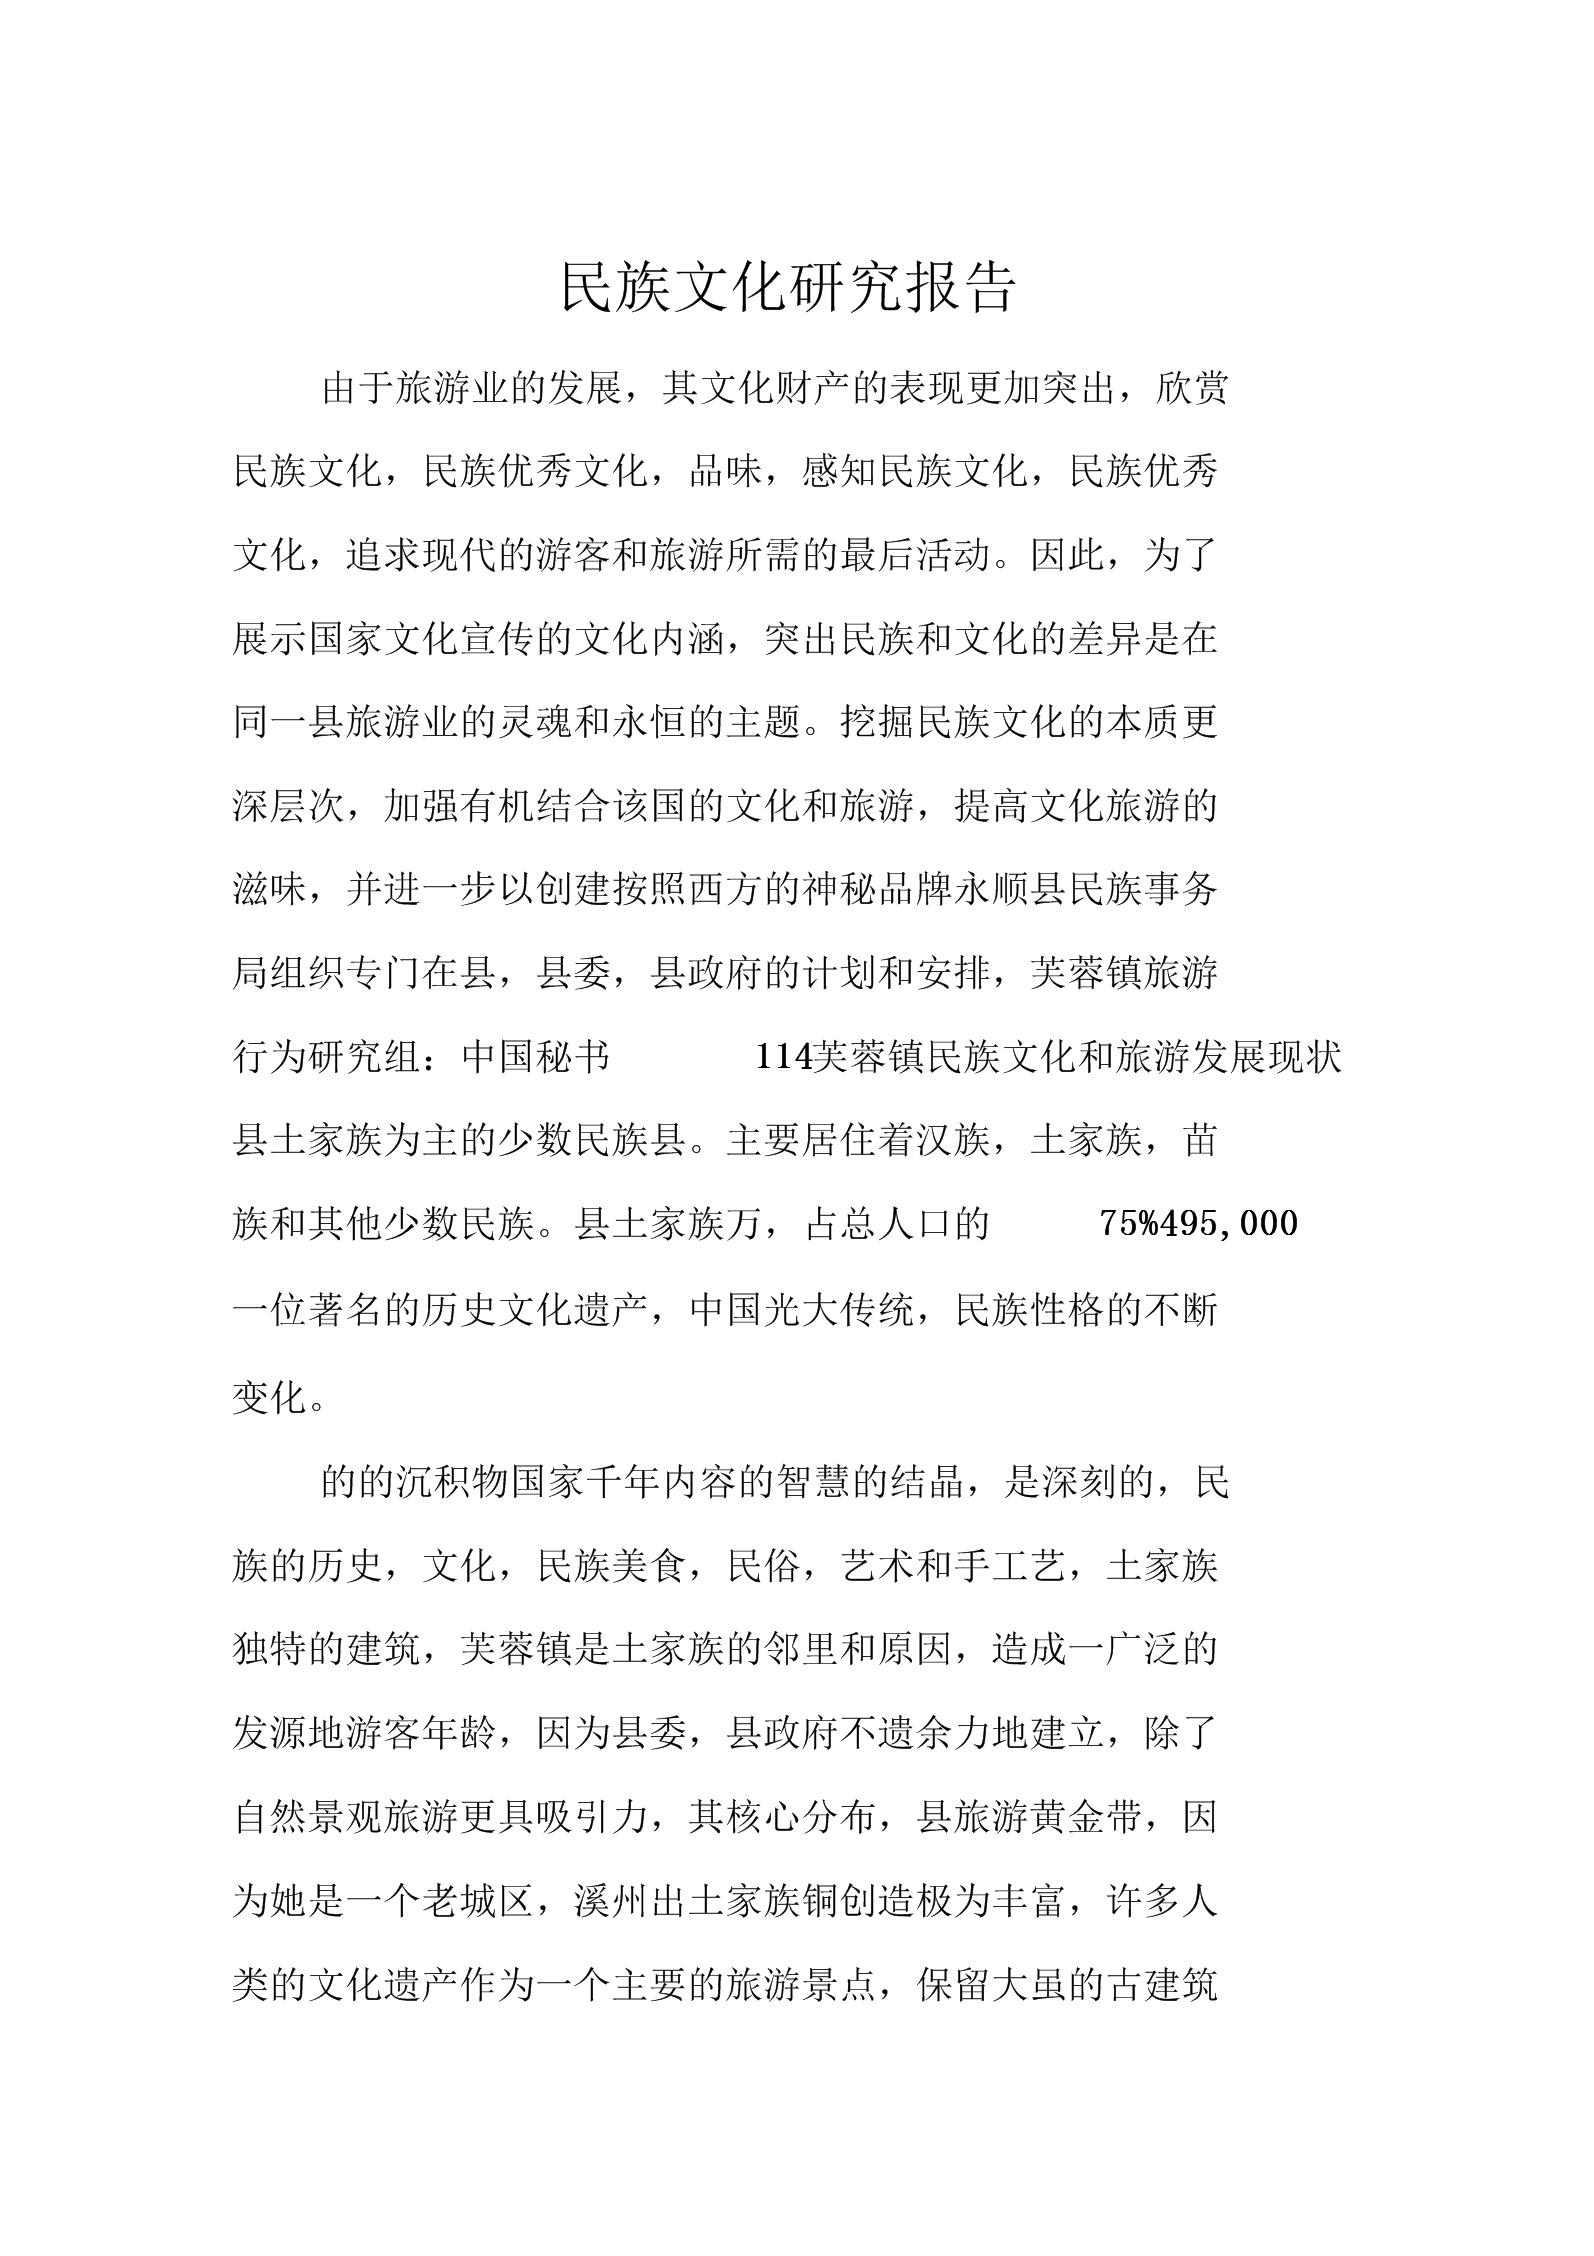 民族文化研究报告.docx